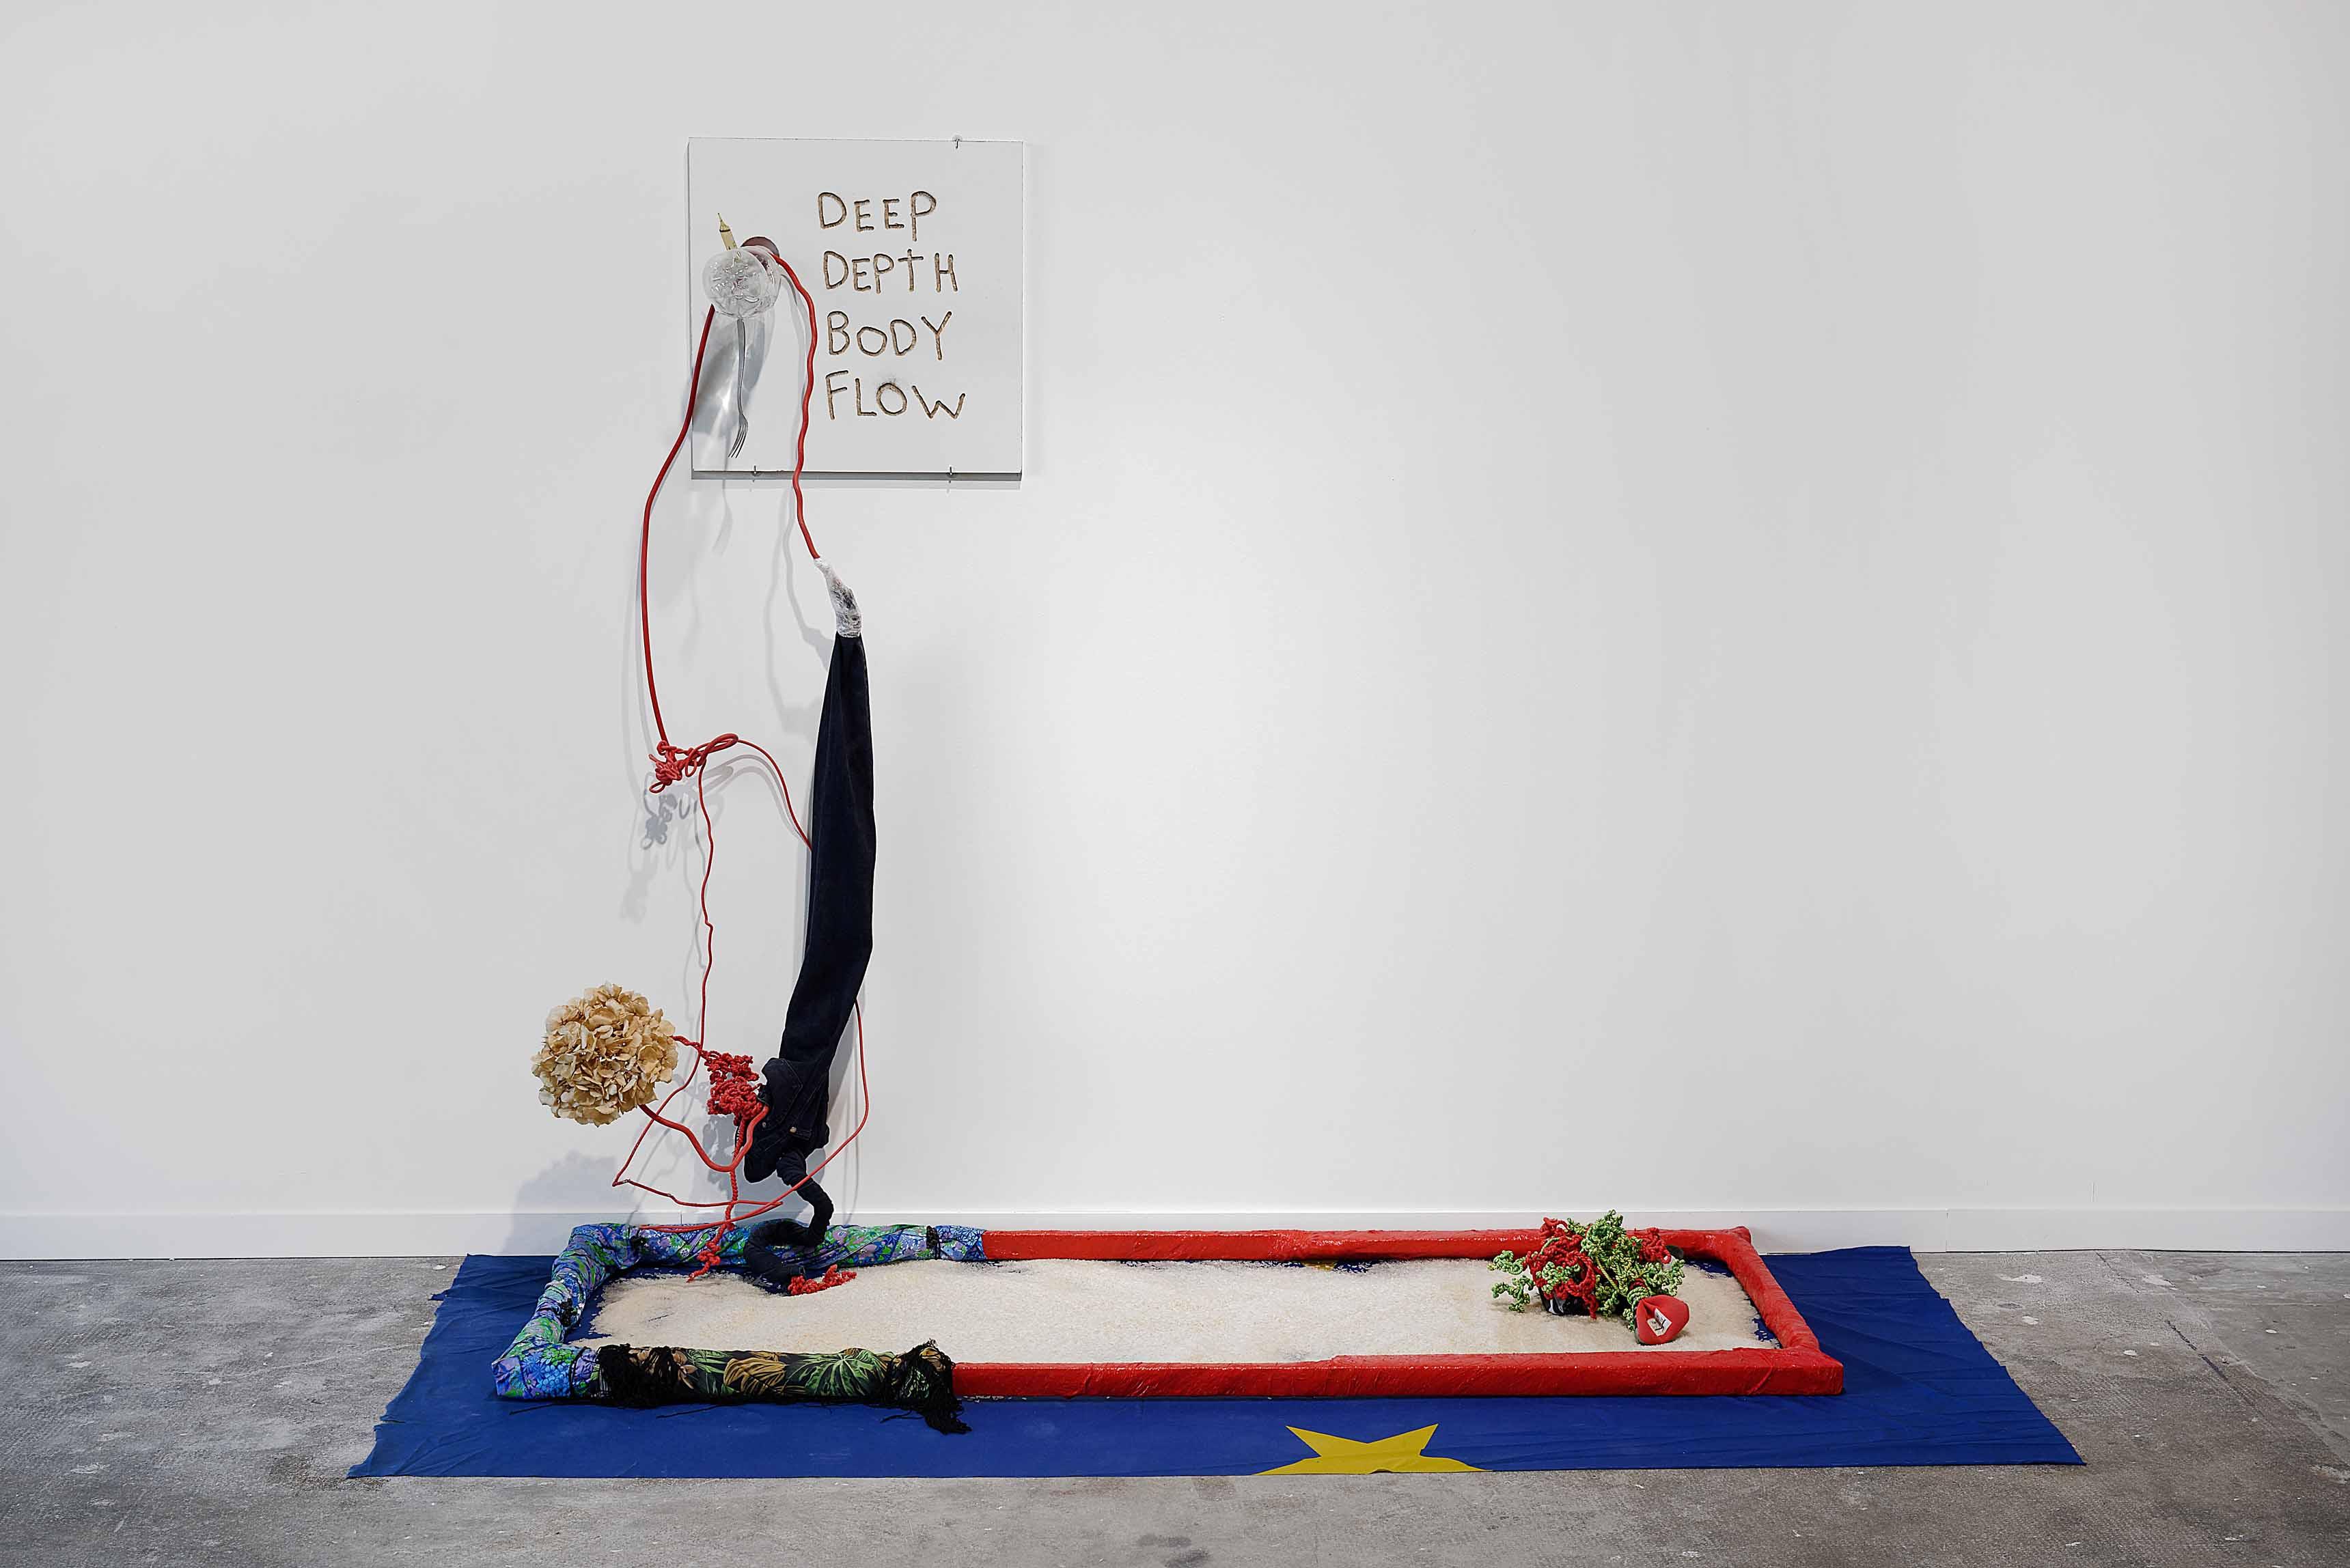 CREUZET Julien, Ricochets, les galets que nous sommes finiront par couler(Epilogue détail) 2017, Courtesy de l'artiste, de la Biennale de Lyon 2017 ©Blaise Adilon